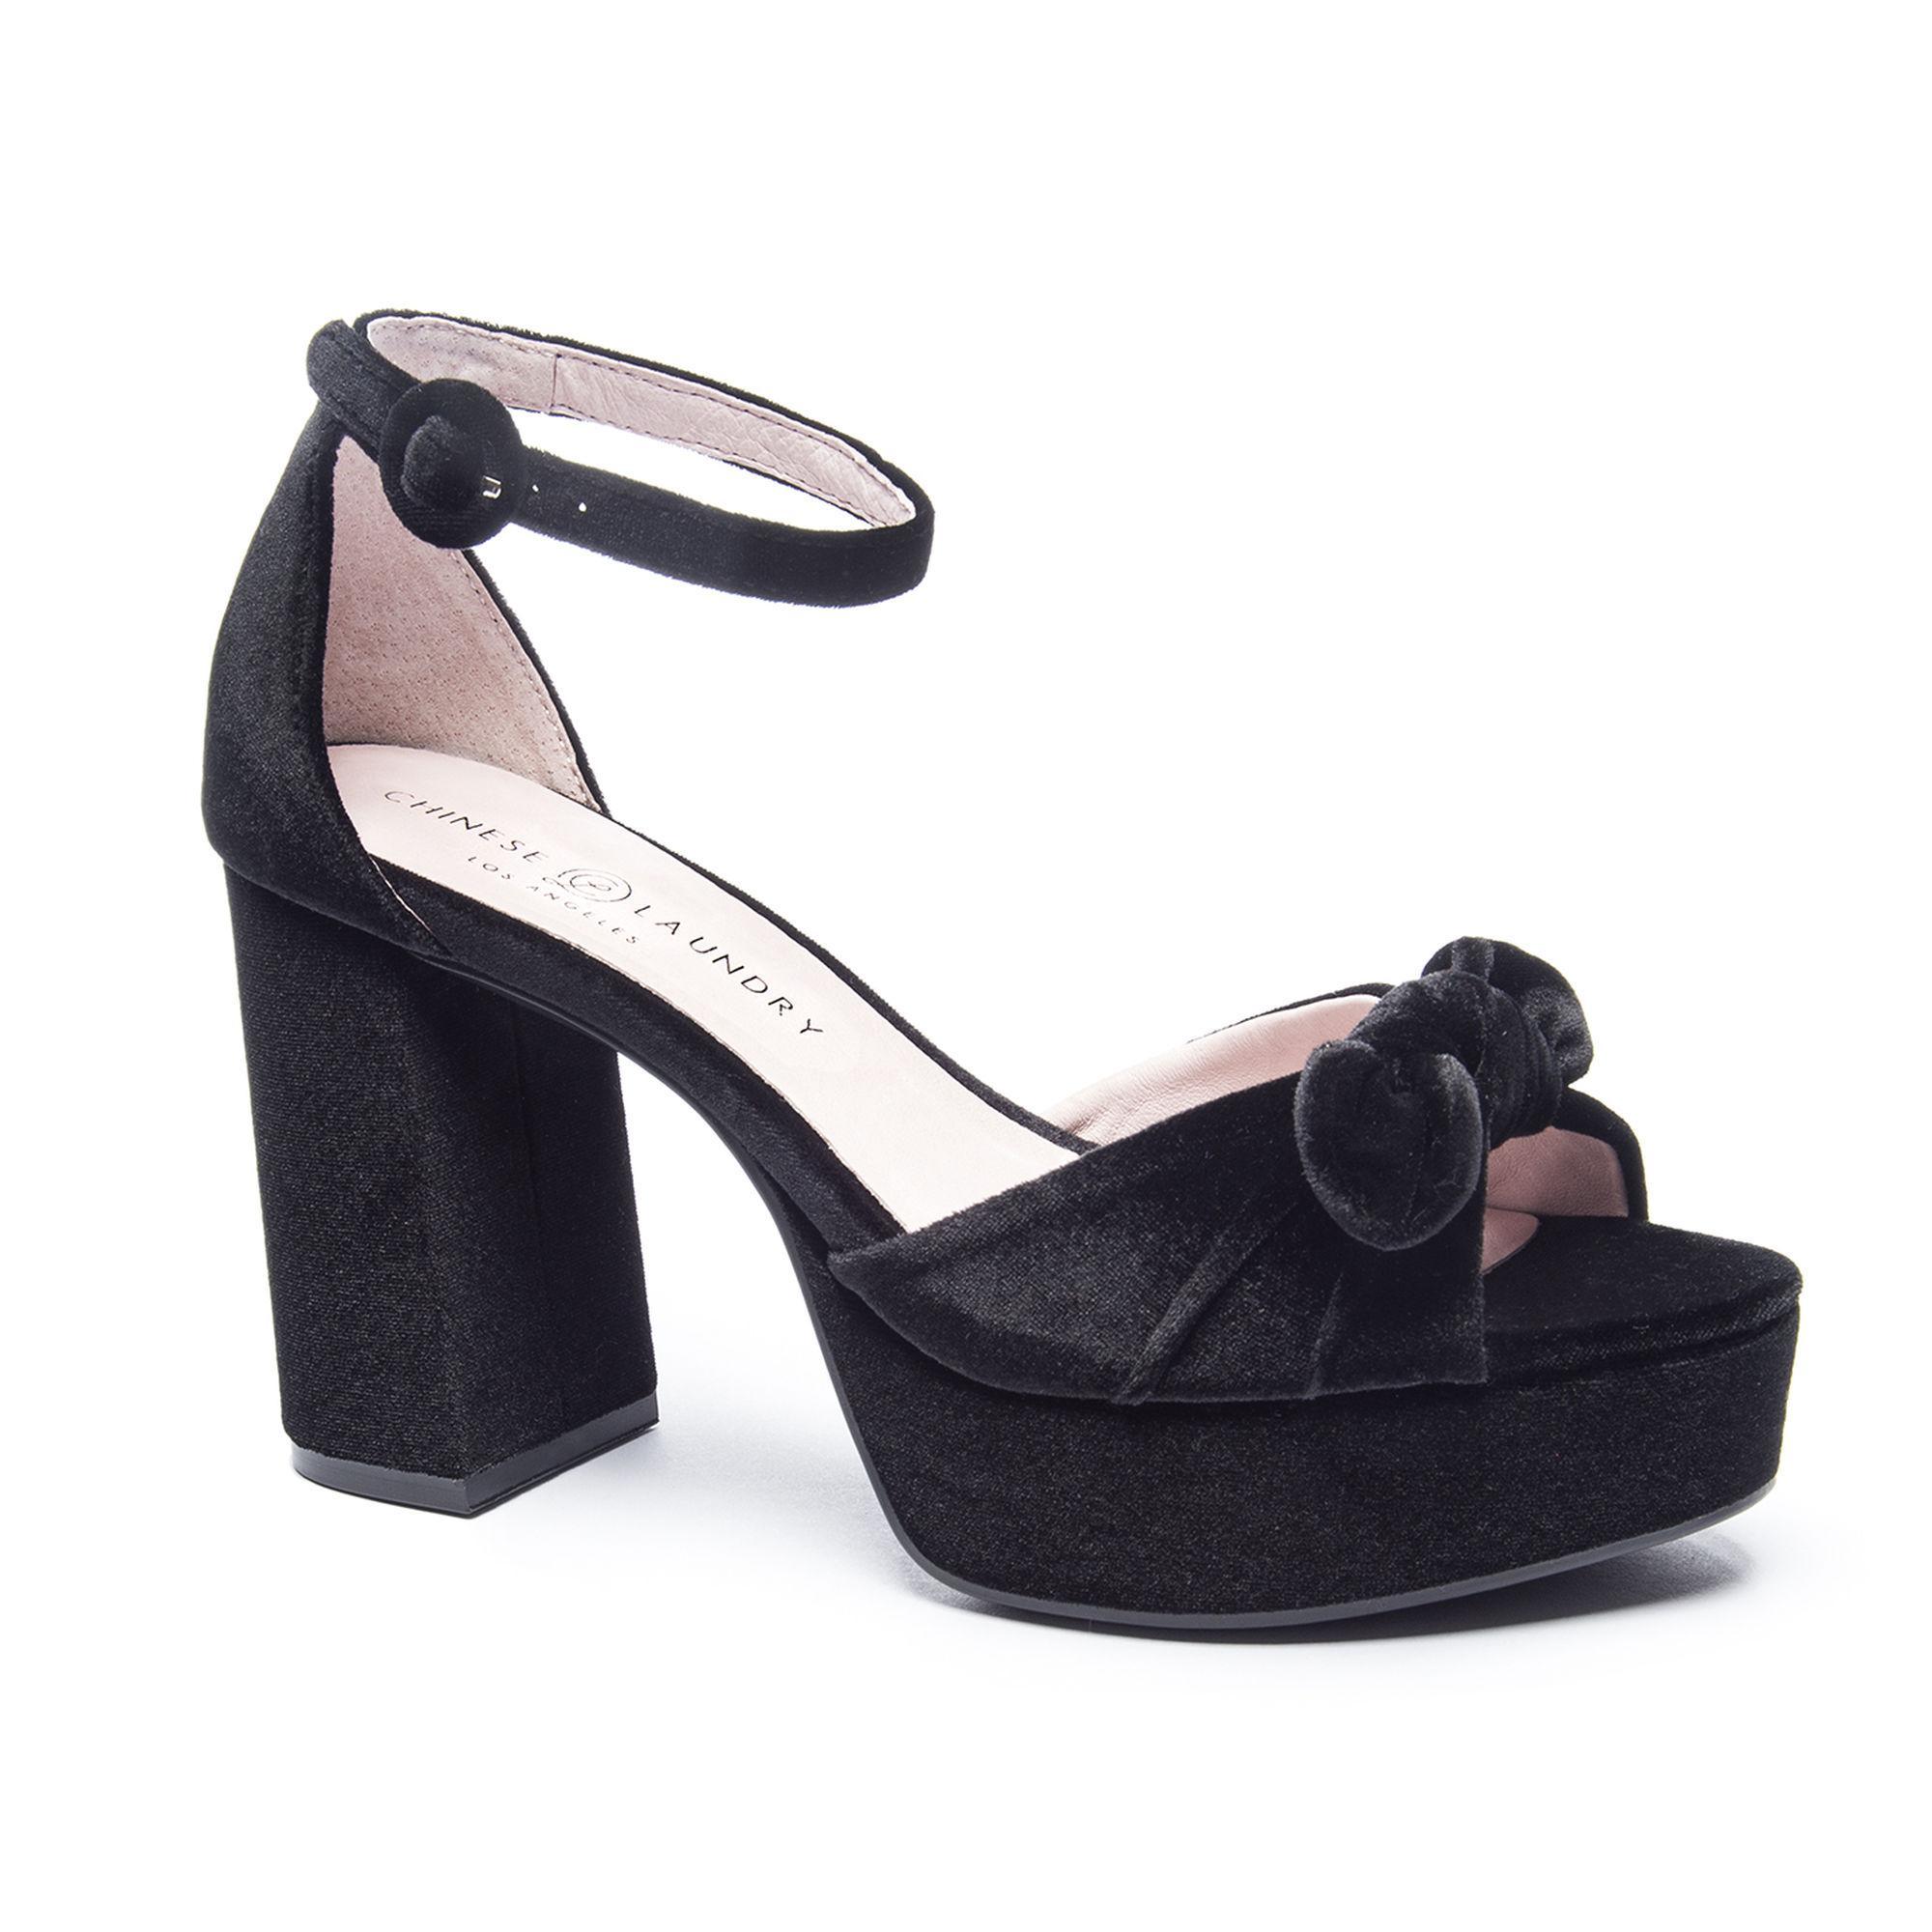 775bc225b21 Lyst - Chinese Laundry Tina Velvet Platform Sandal in Black